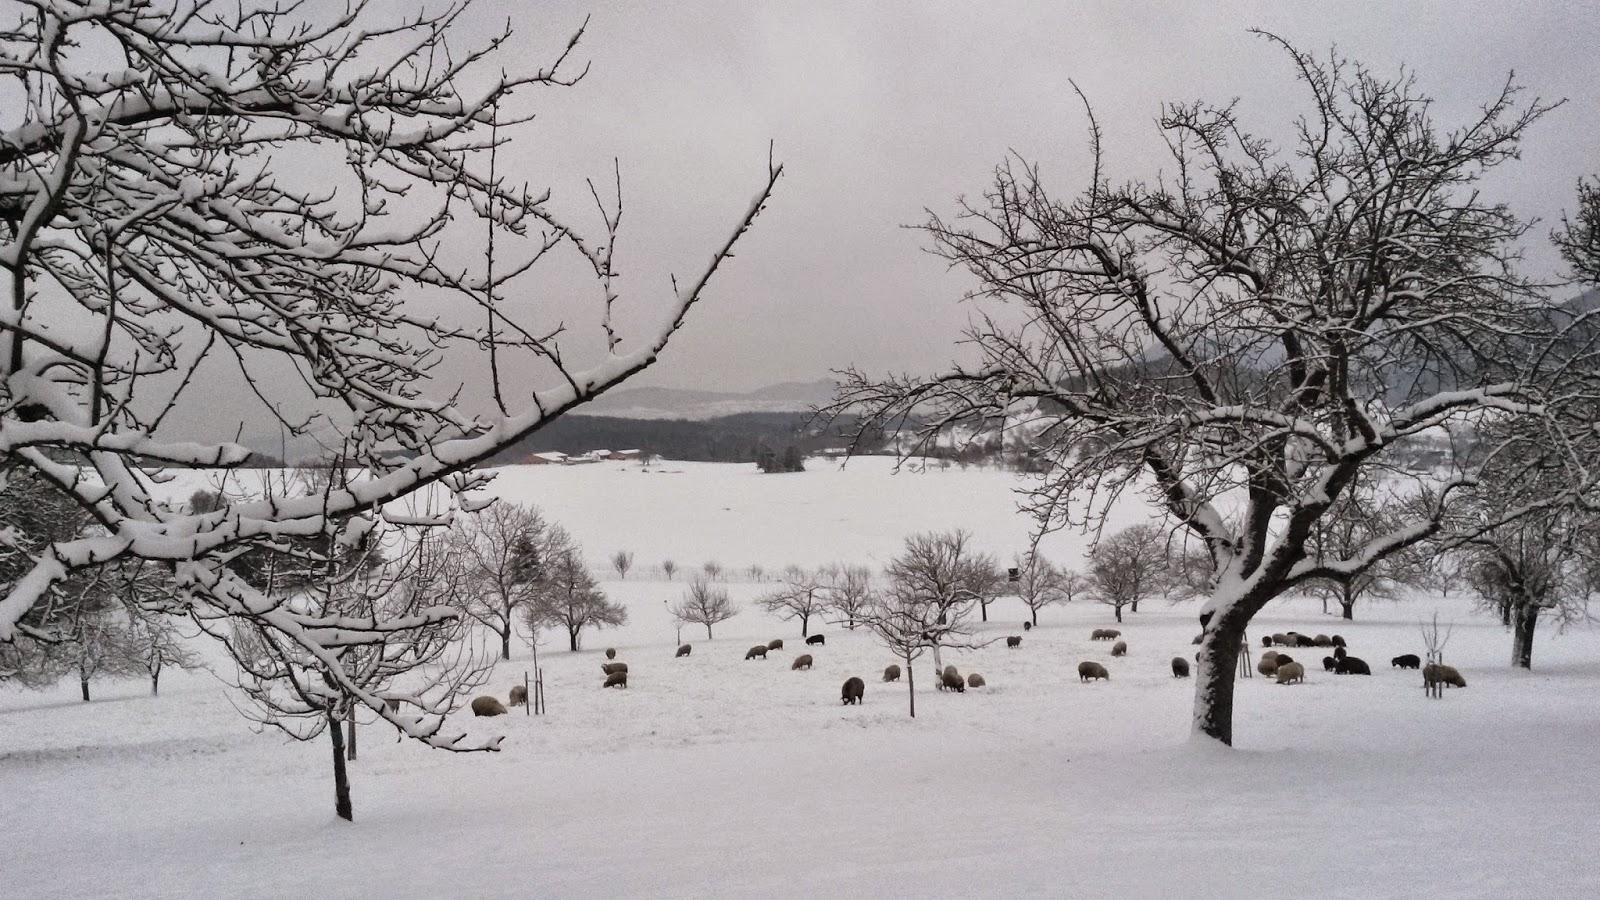 Eine Herde Schafe steht auf einer verschneiten Wiese